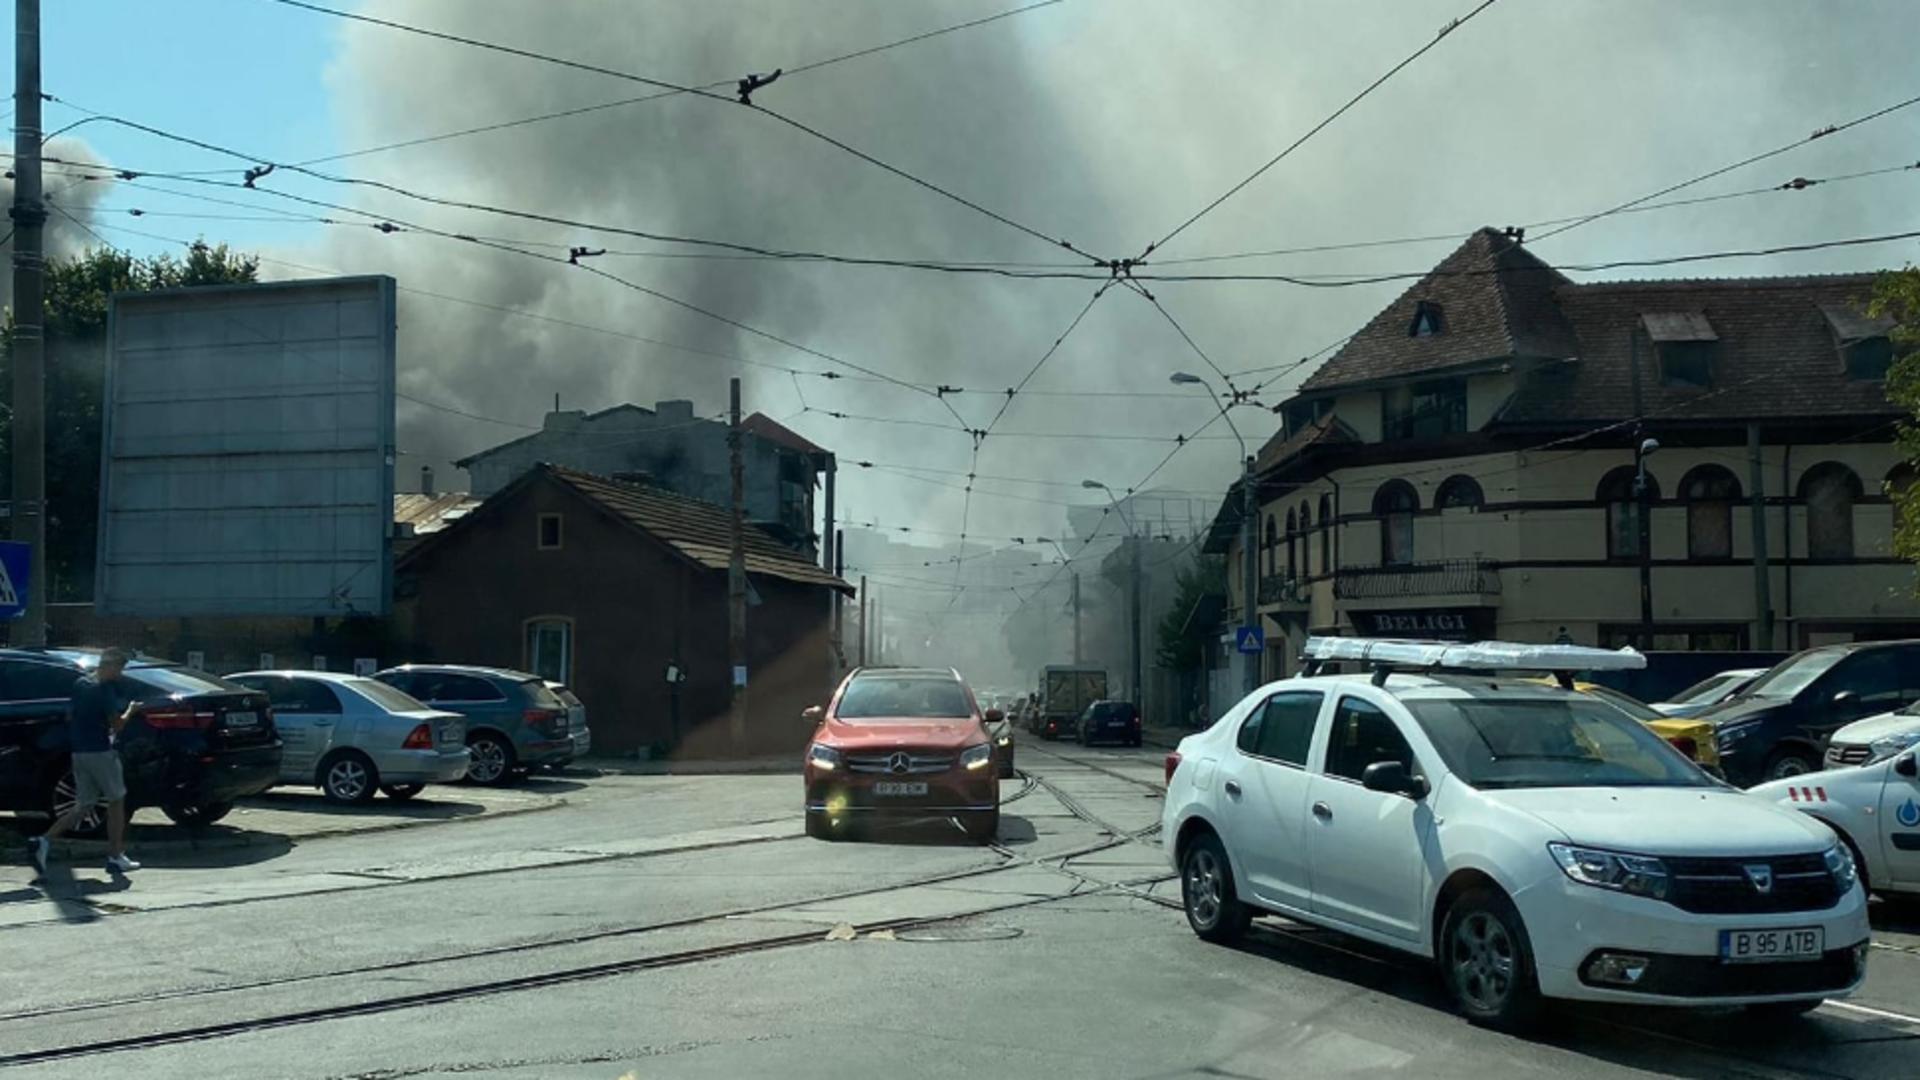 Incendiu casă zona Lizeanu, din Capitală / Foto: Facebook Infotrafic București și Ilfov